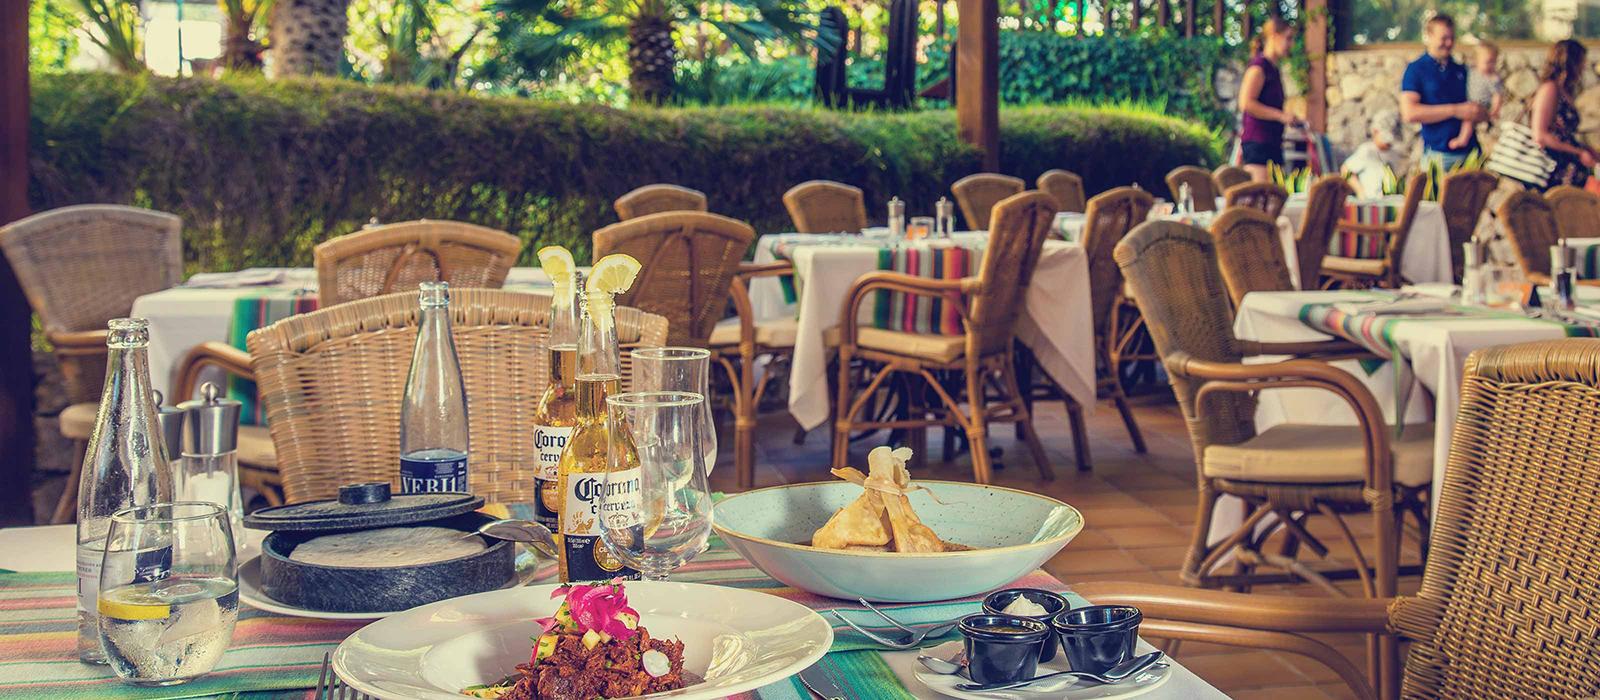 Resort-Gastronomia-cabecera2-1